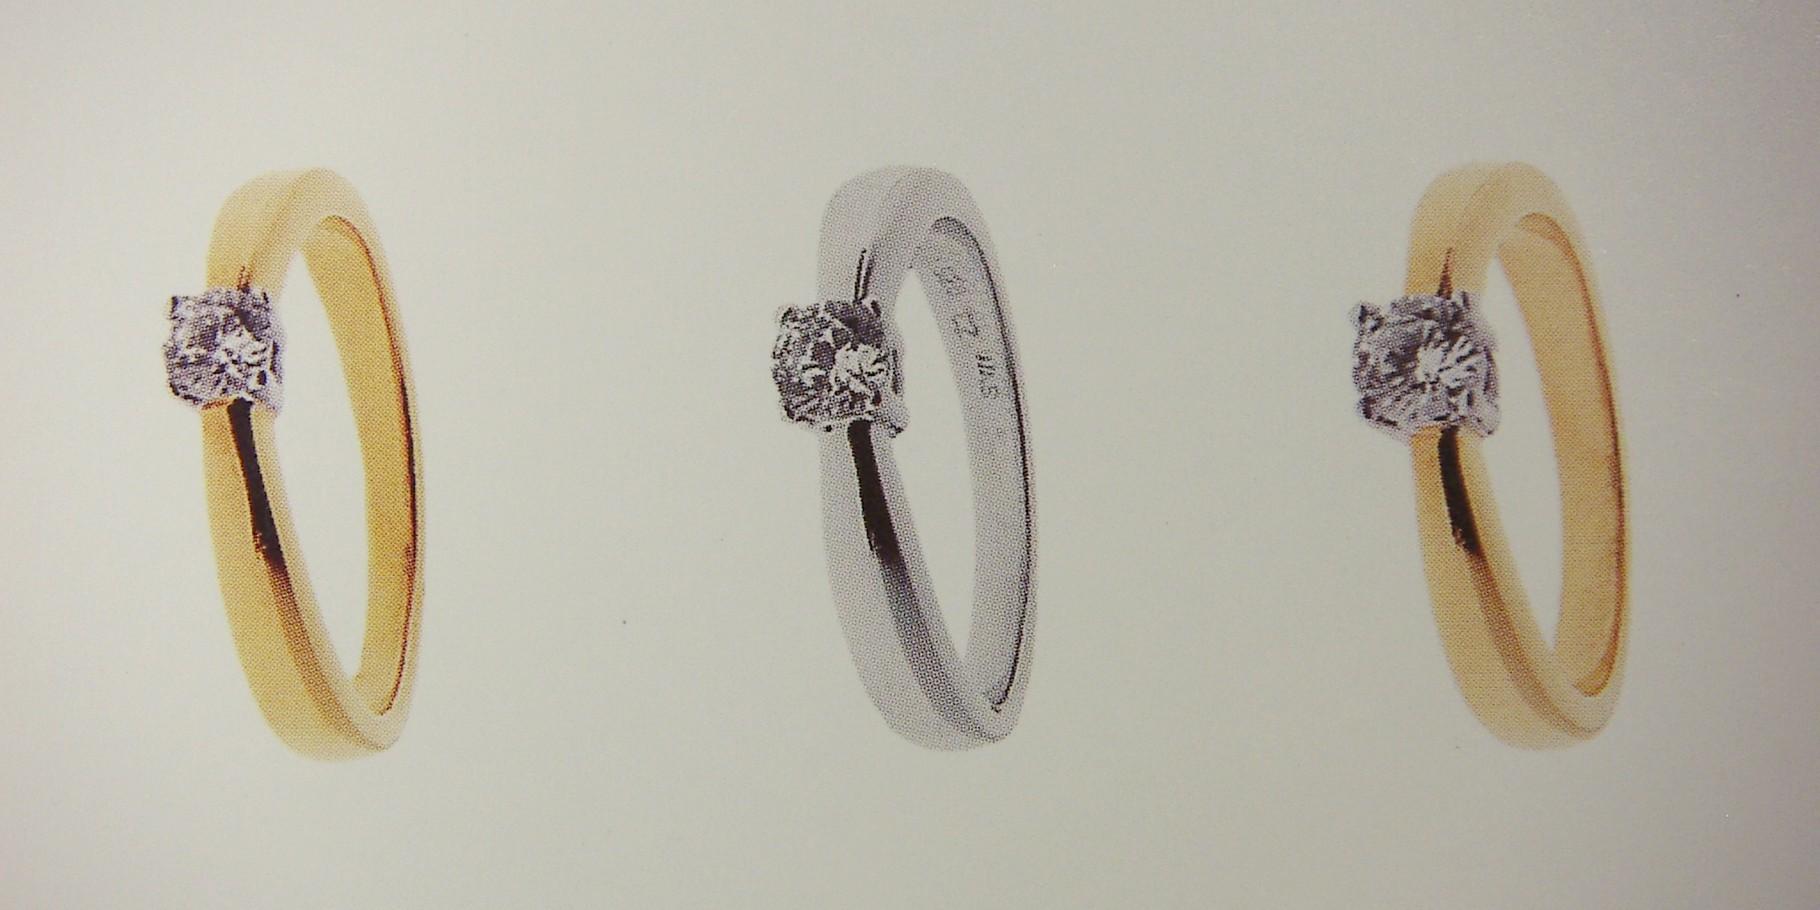 Ring, Gelb- und Weissgold 750, mit 4-Griff-Fassung